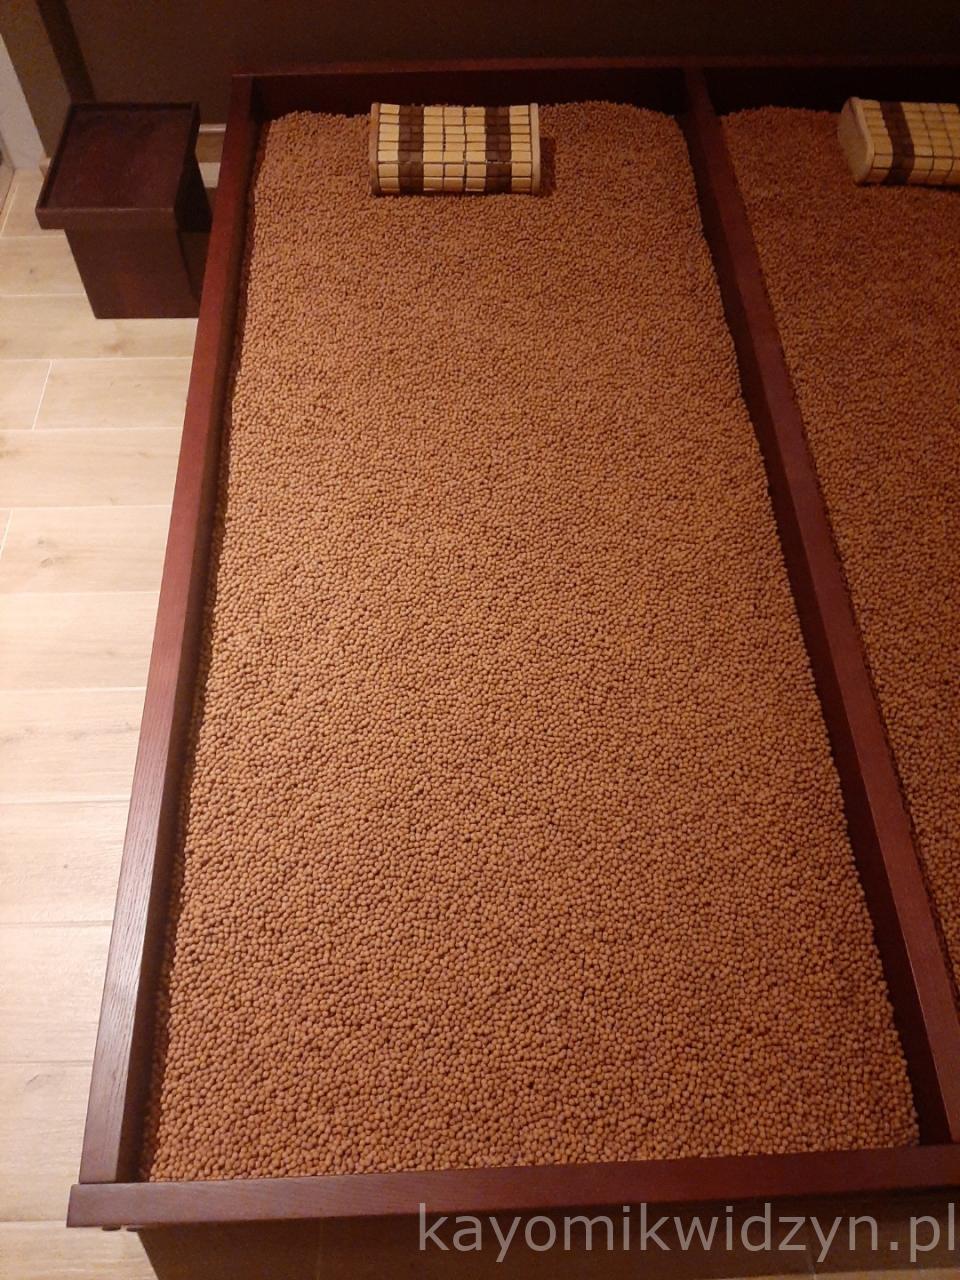 Pierwsza sauna Red Clay wPolsce kayomi kwidzyn